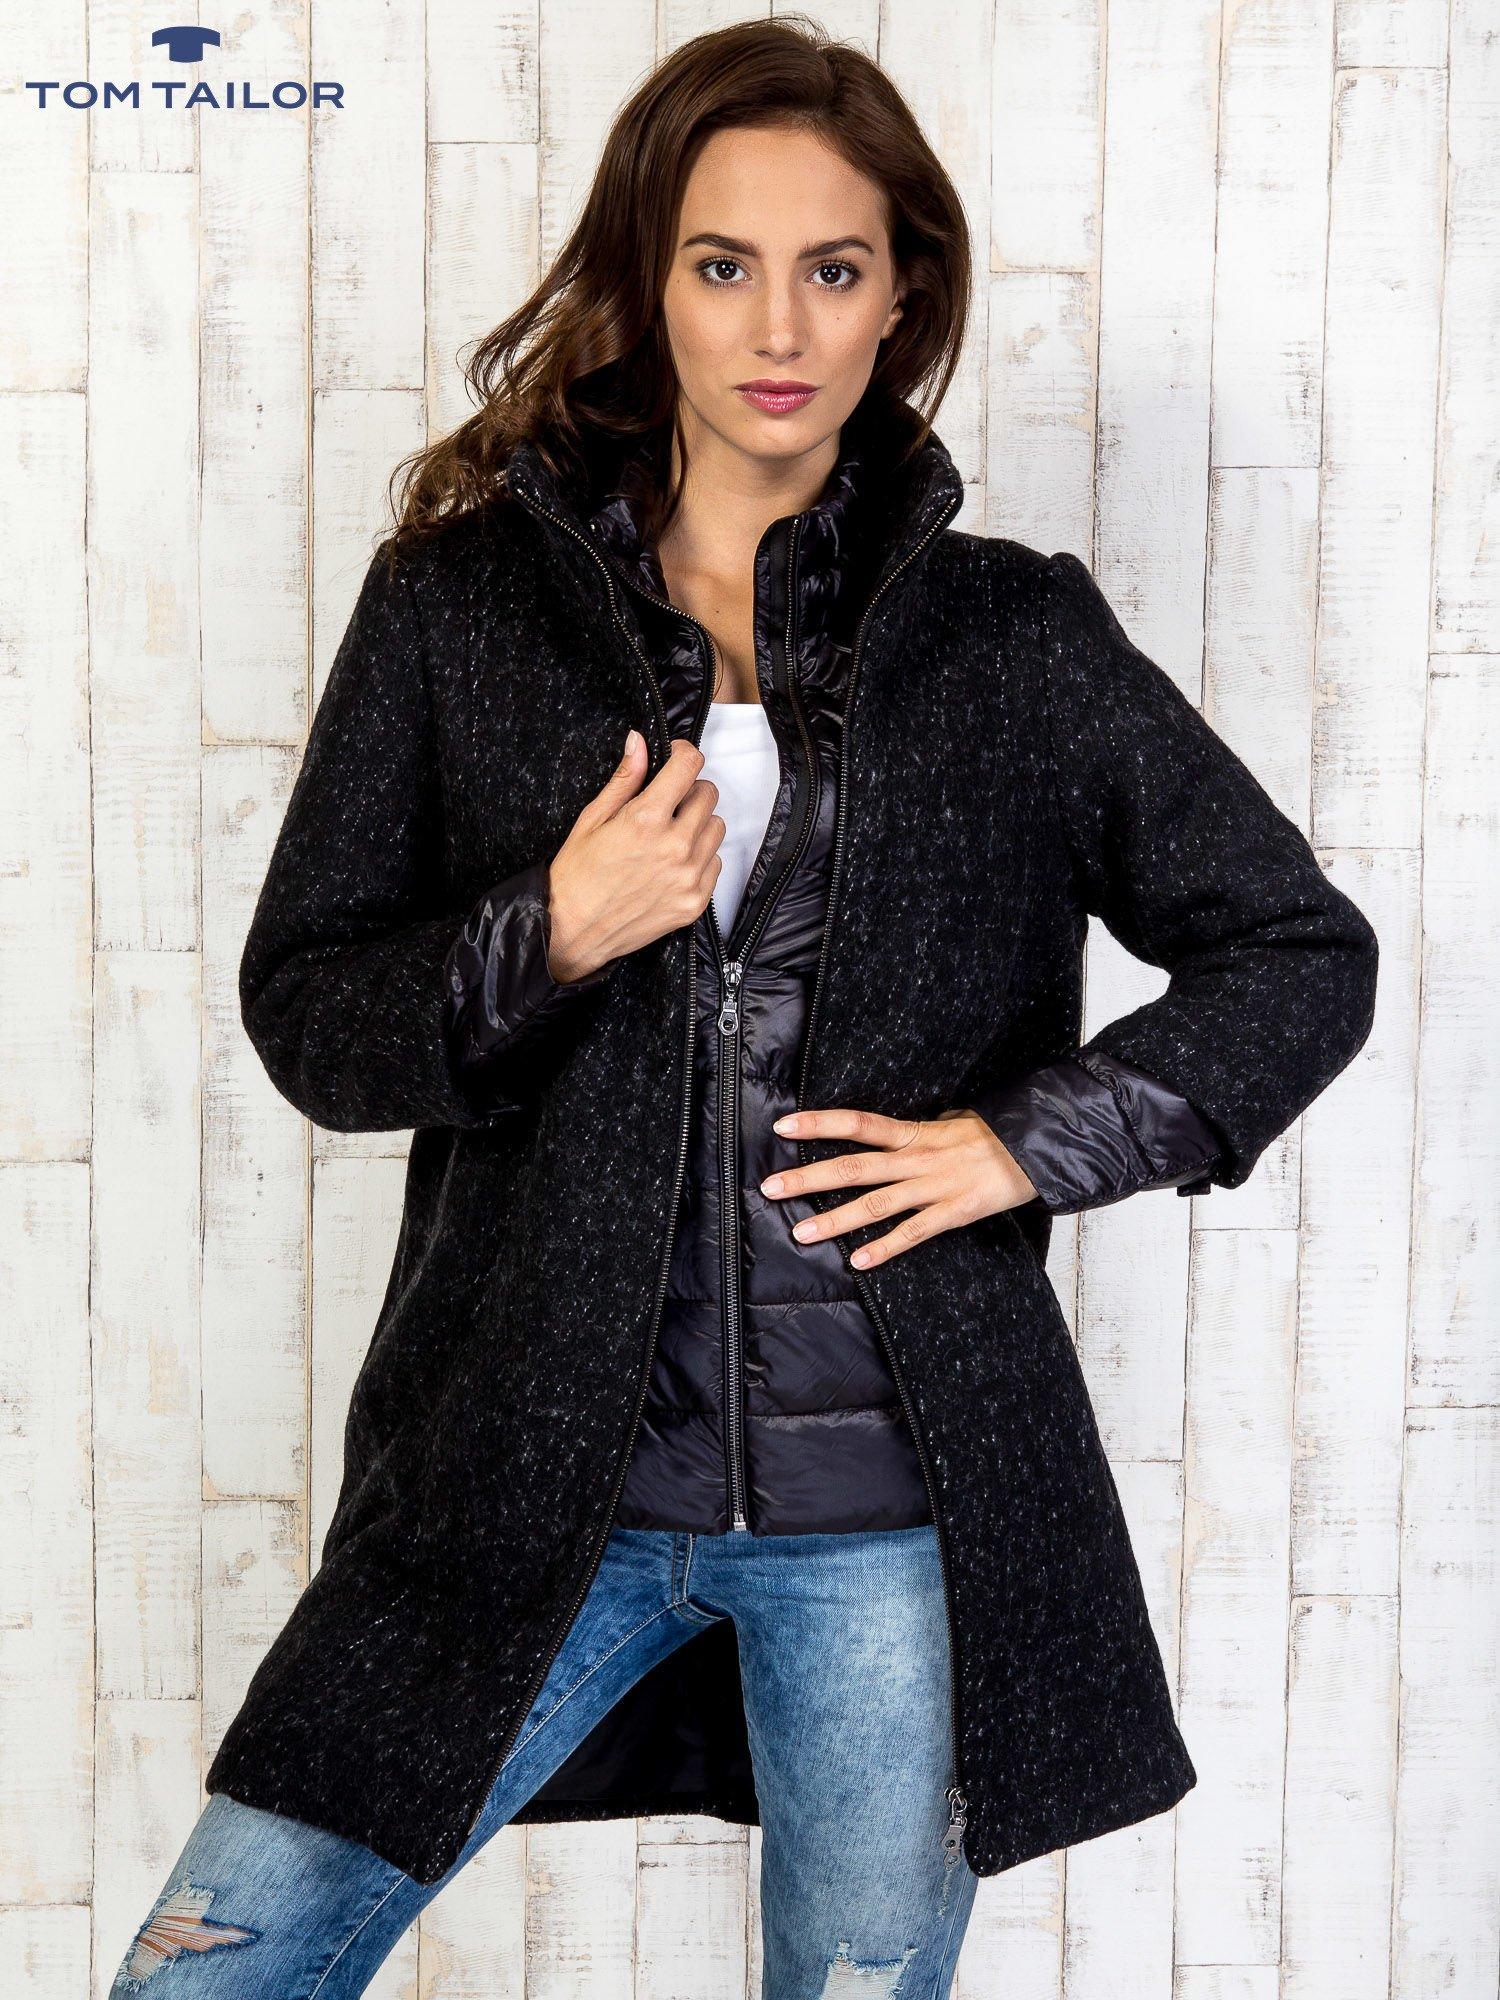 TOM TAILOR Czarny dwuczęściowy płaszcz z kurtką pikowaną                                  zdj.                                  3